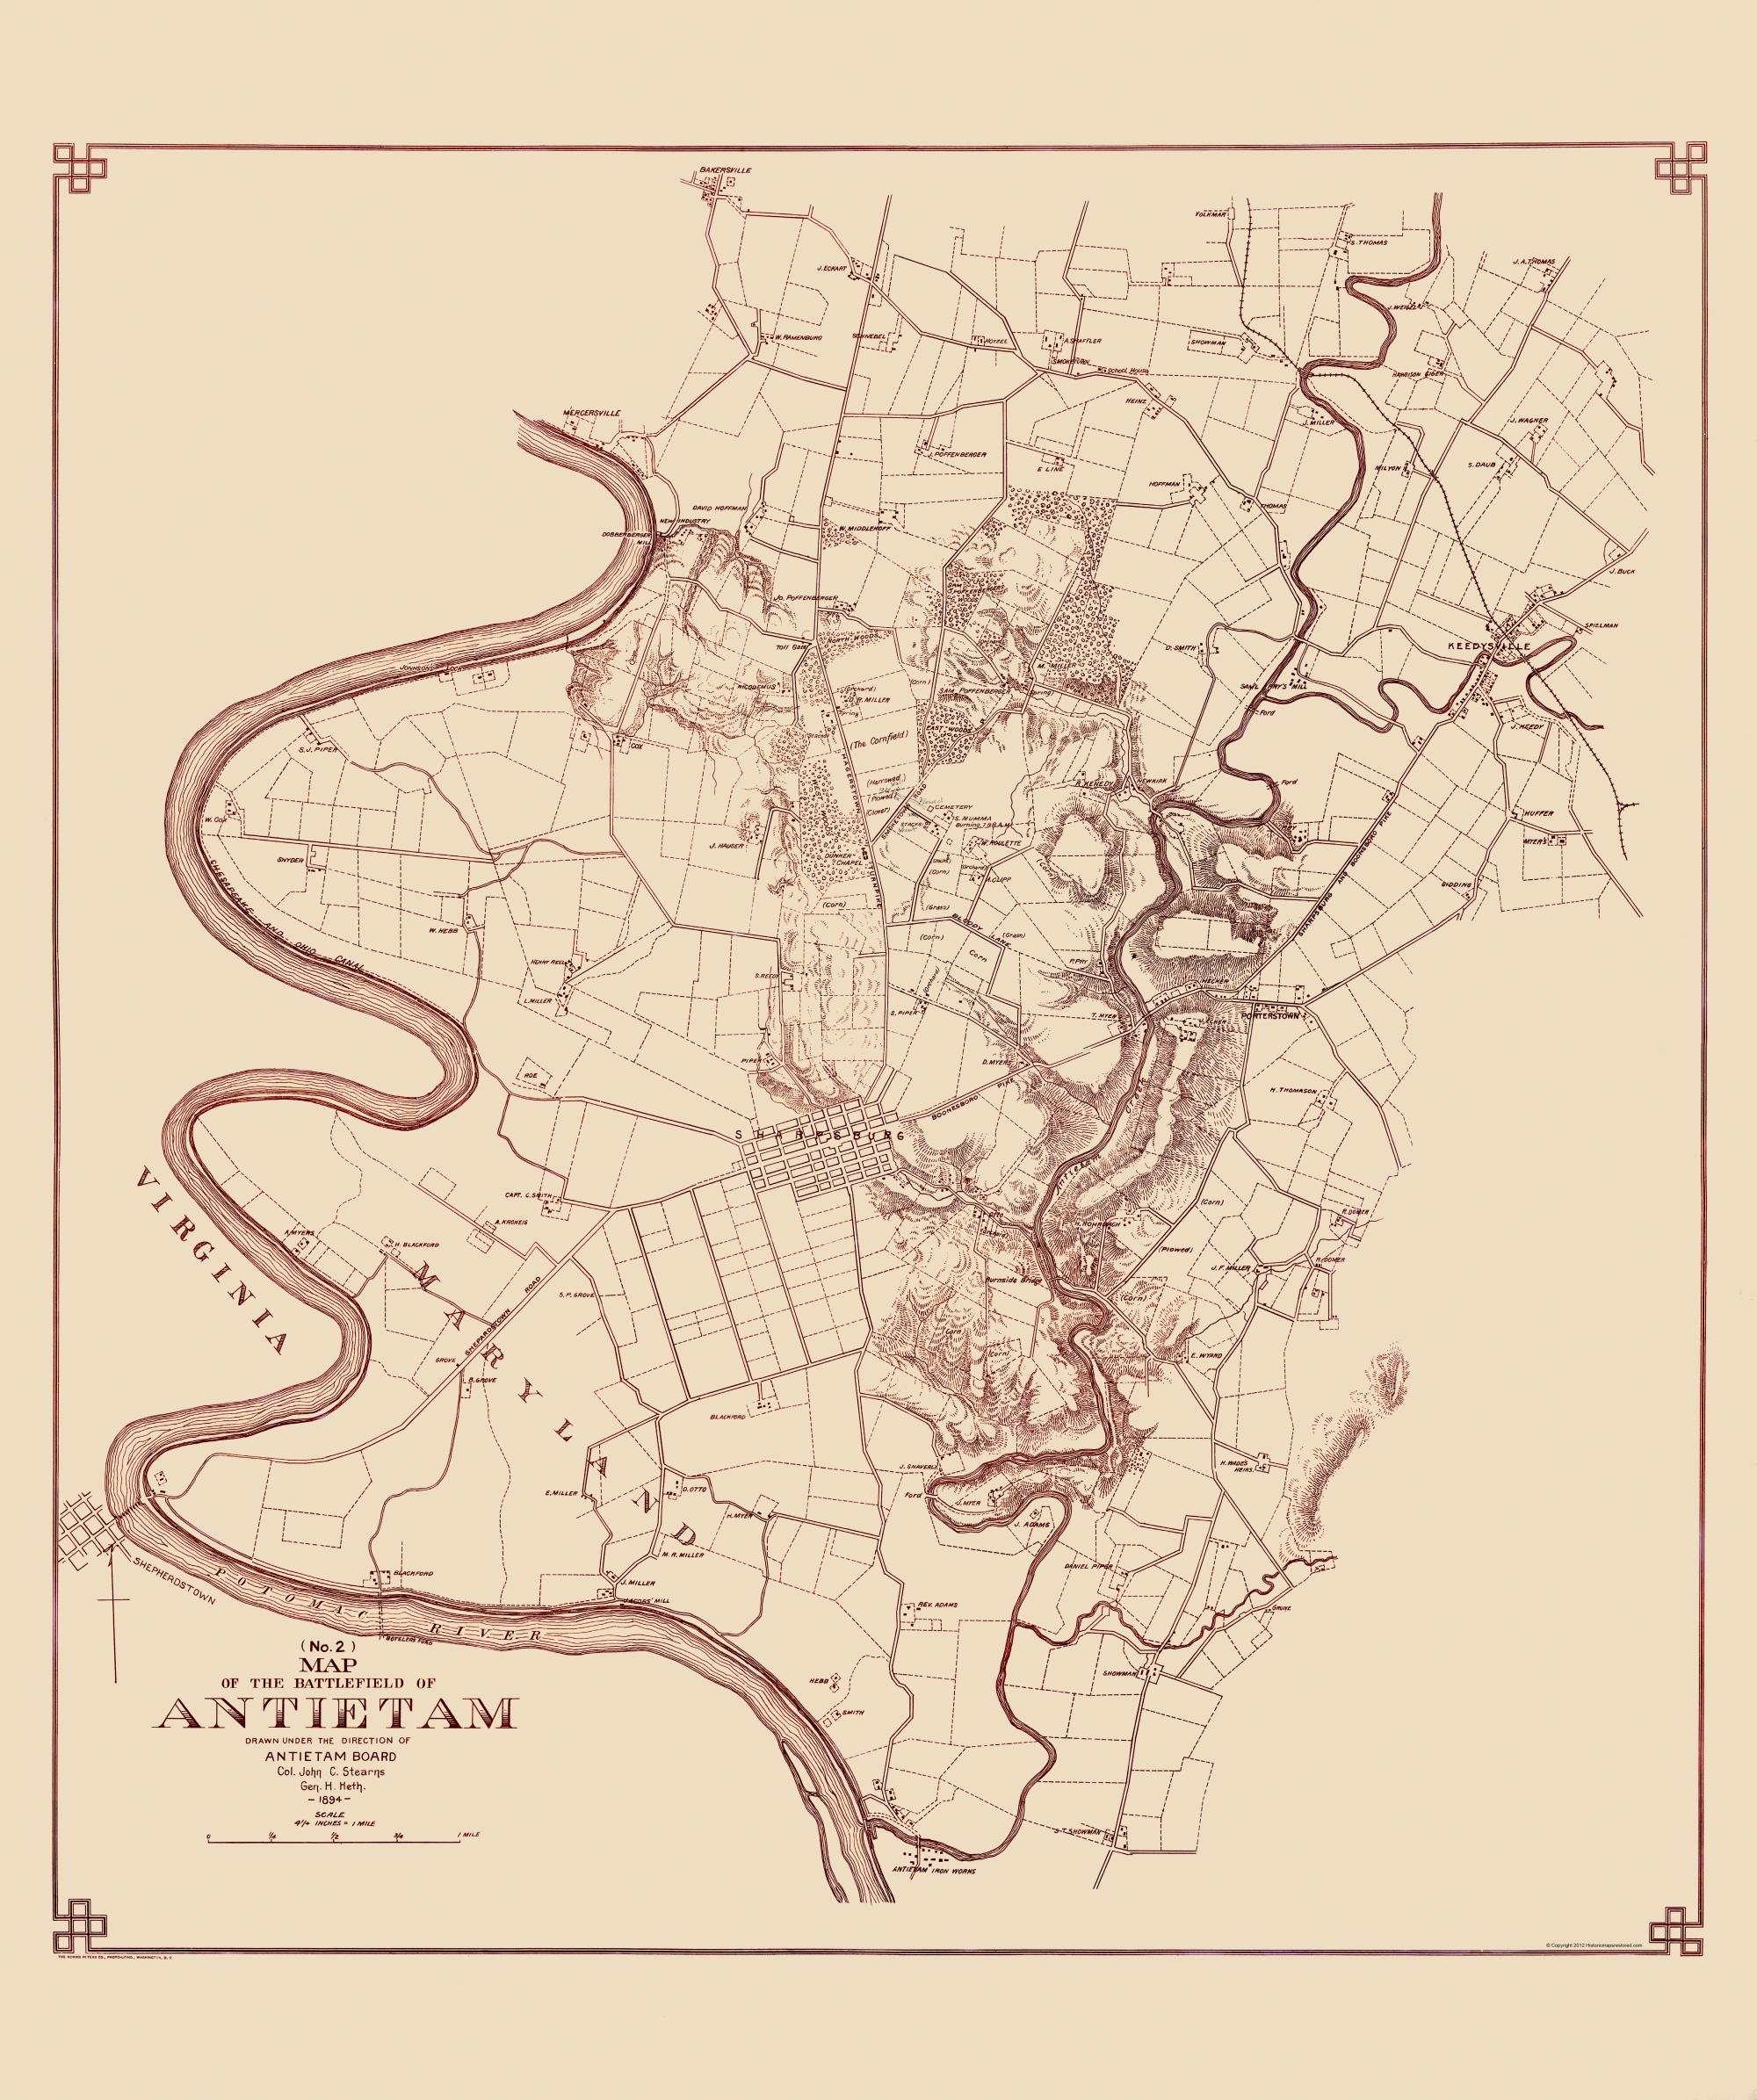 Civil War Map Antietam Battlefield Map No - Antietam battle us map